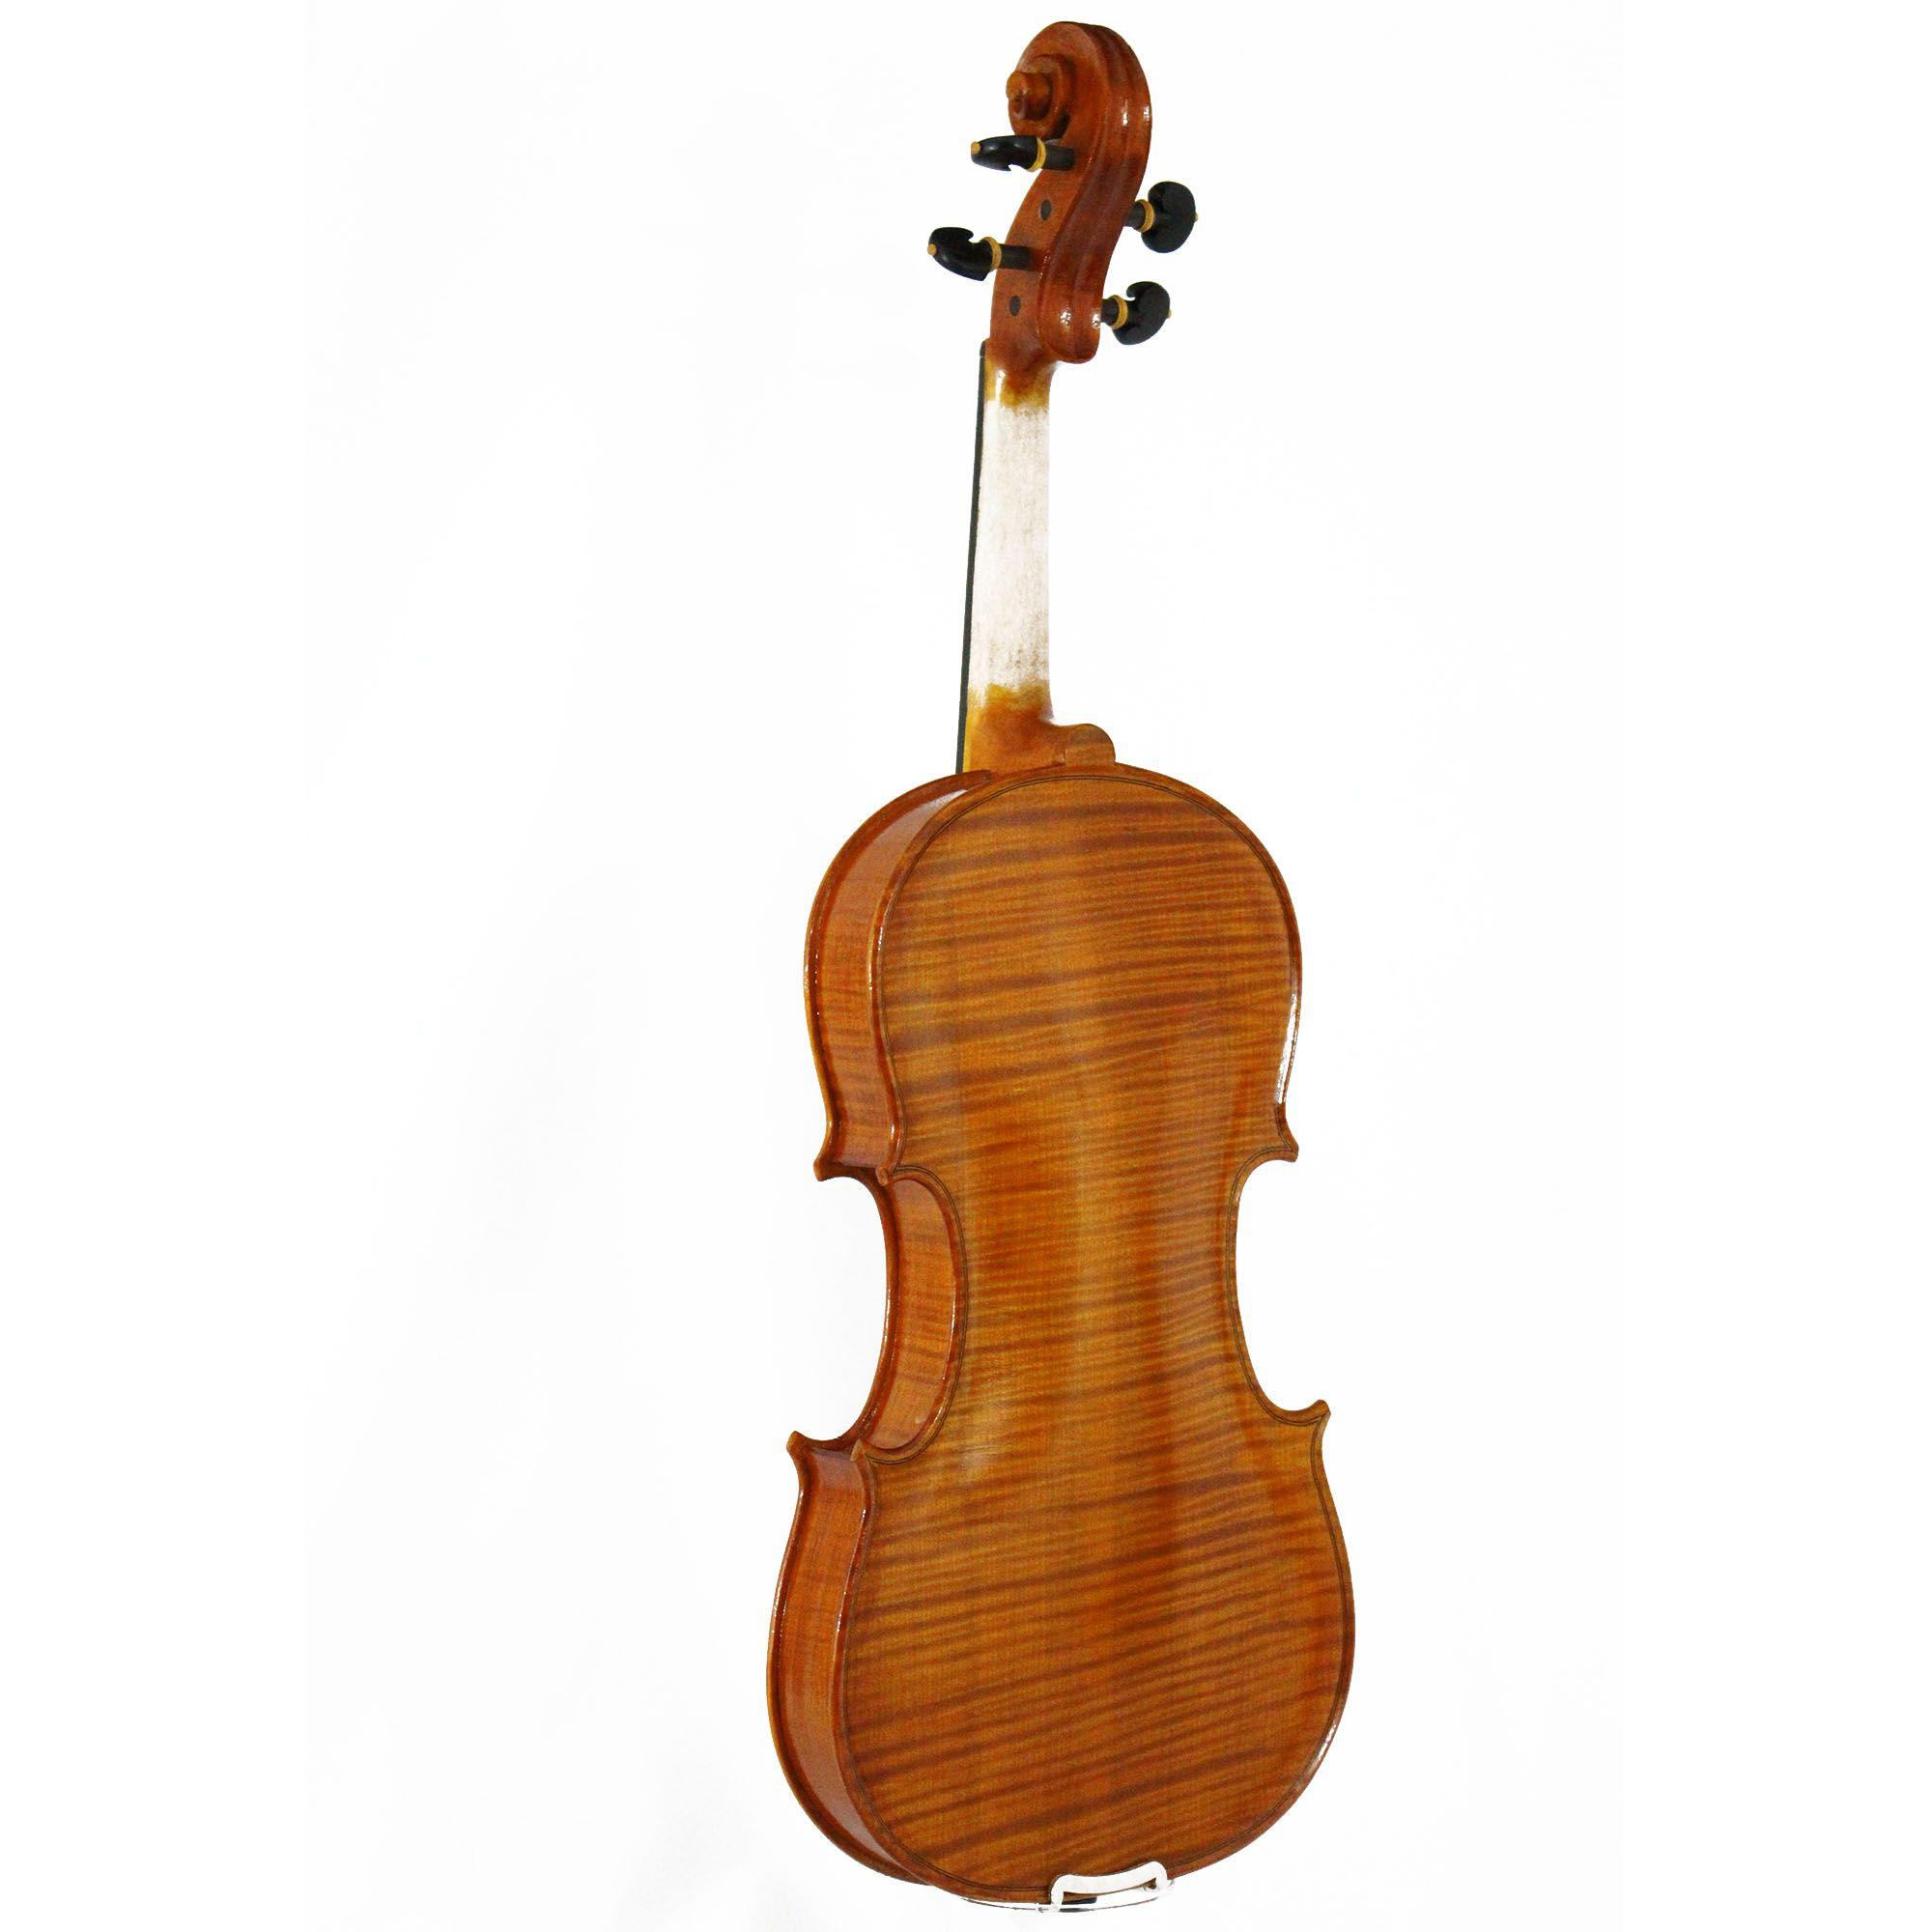 Violino feito à mão modelo strad 4/4 verniz goma laca Natural